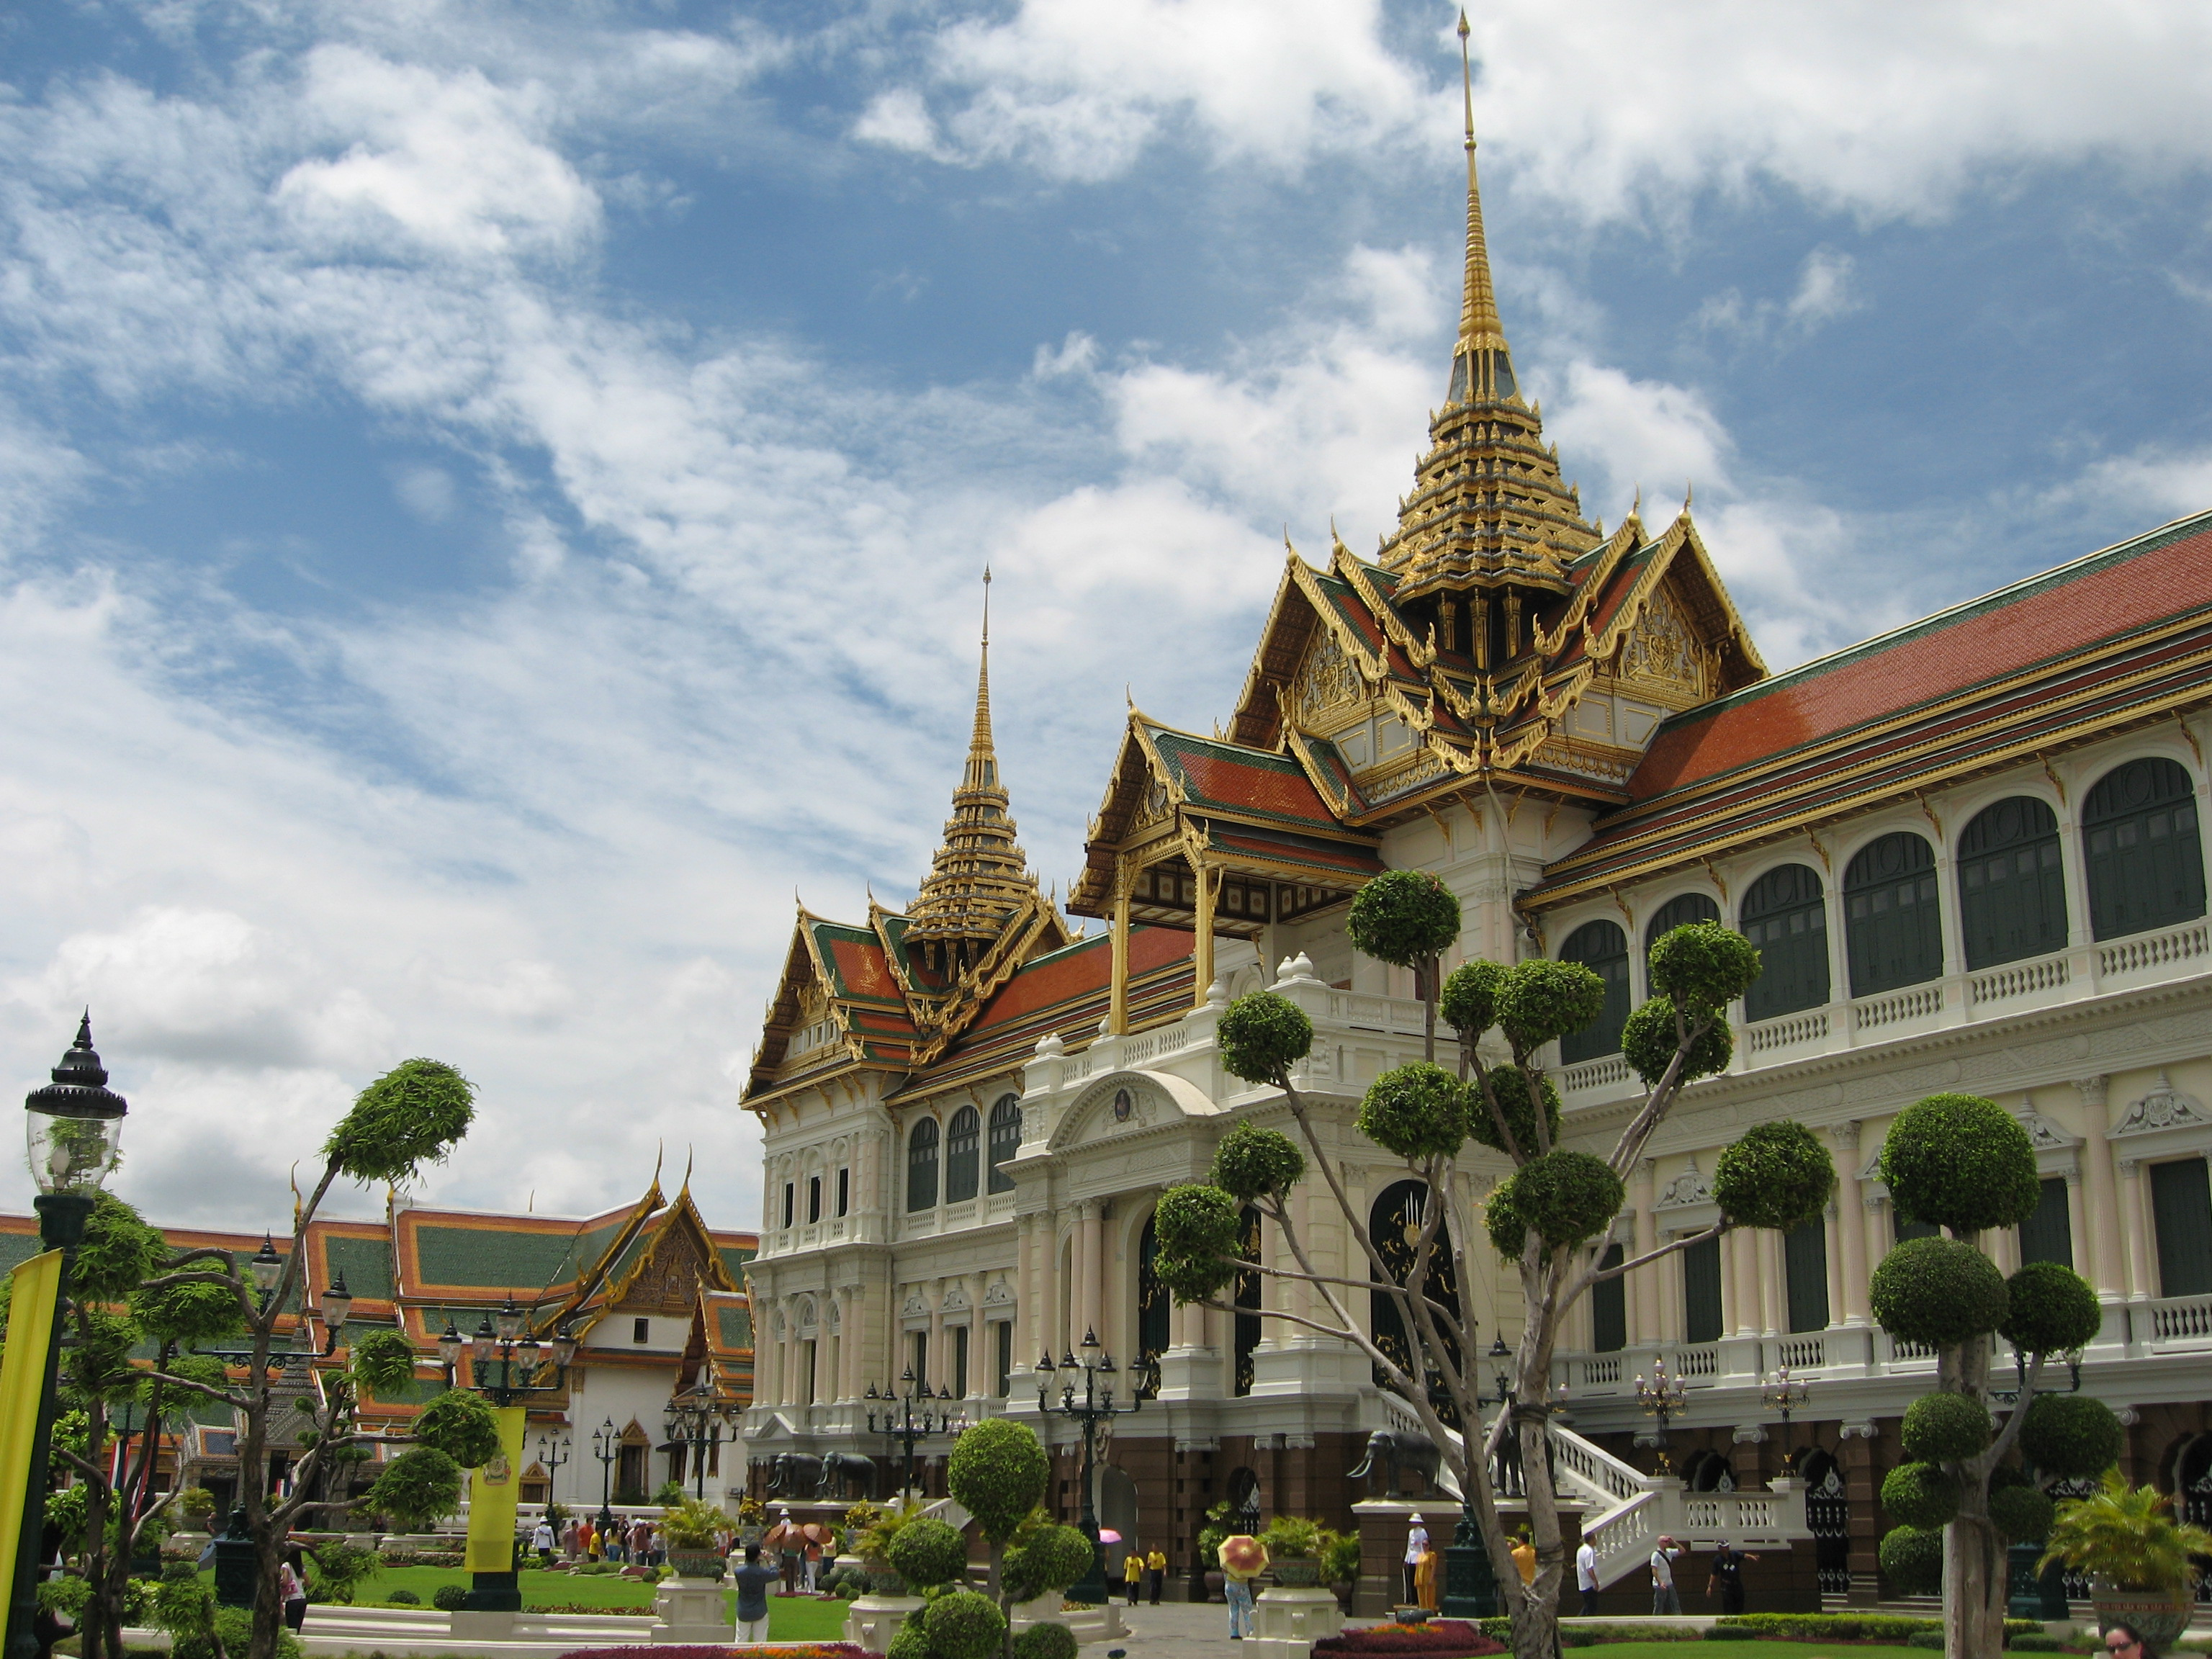 File:Grand Palace Chakri Mahaprasad.jpg - Wikipedia